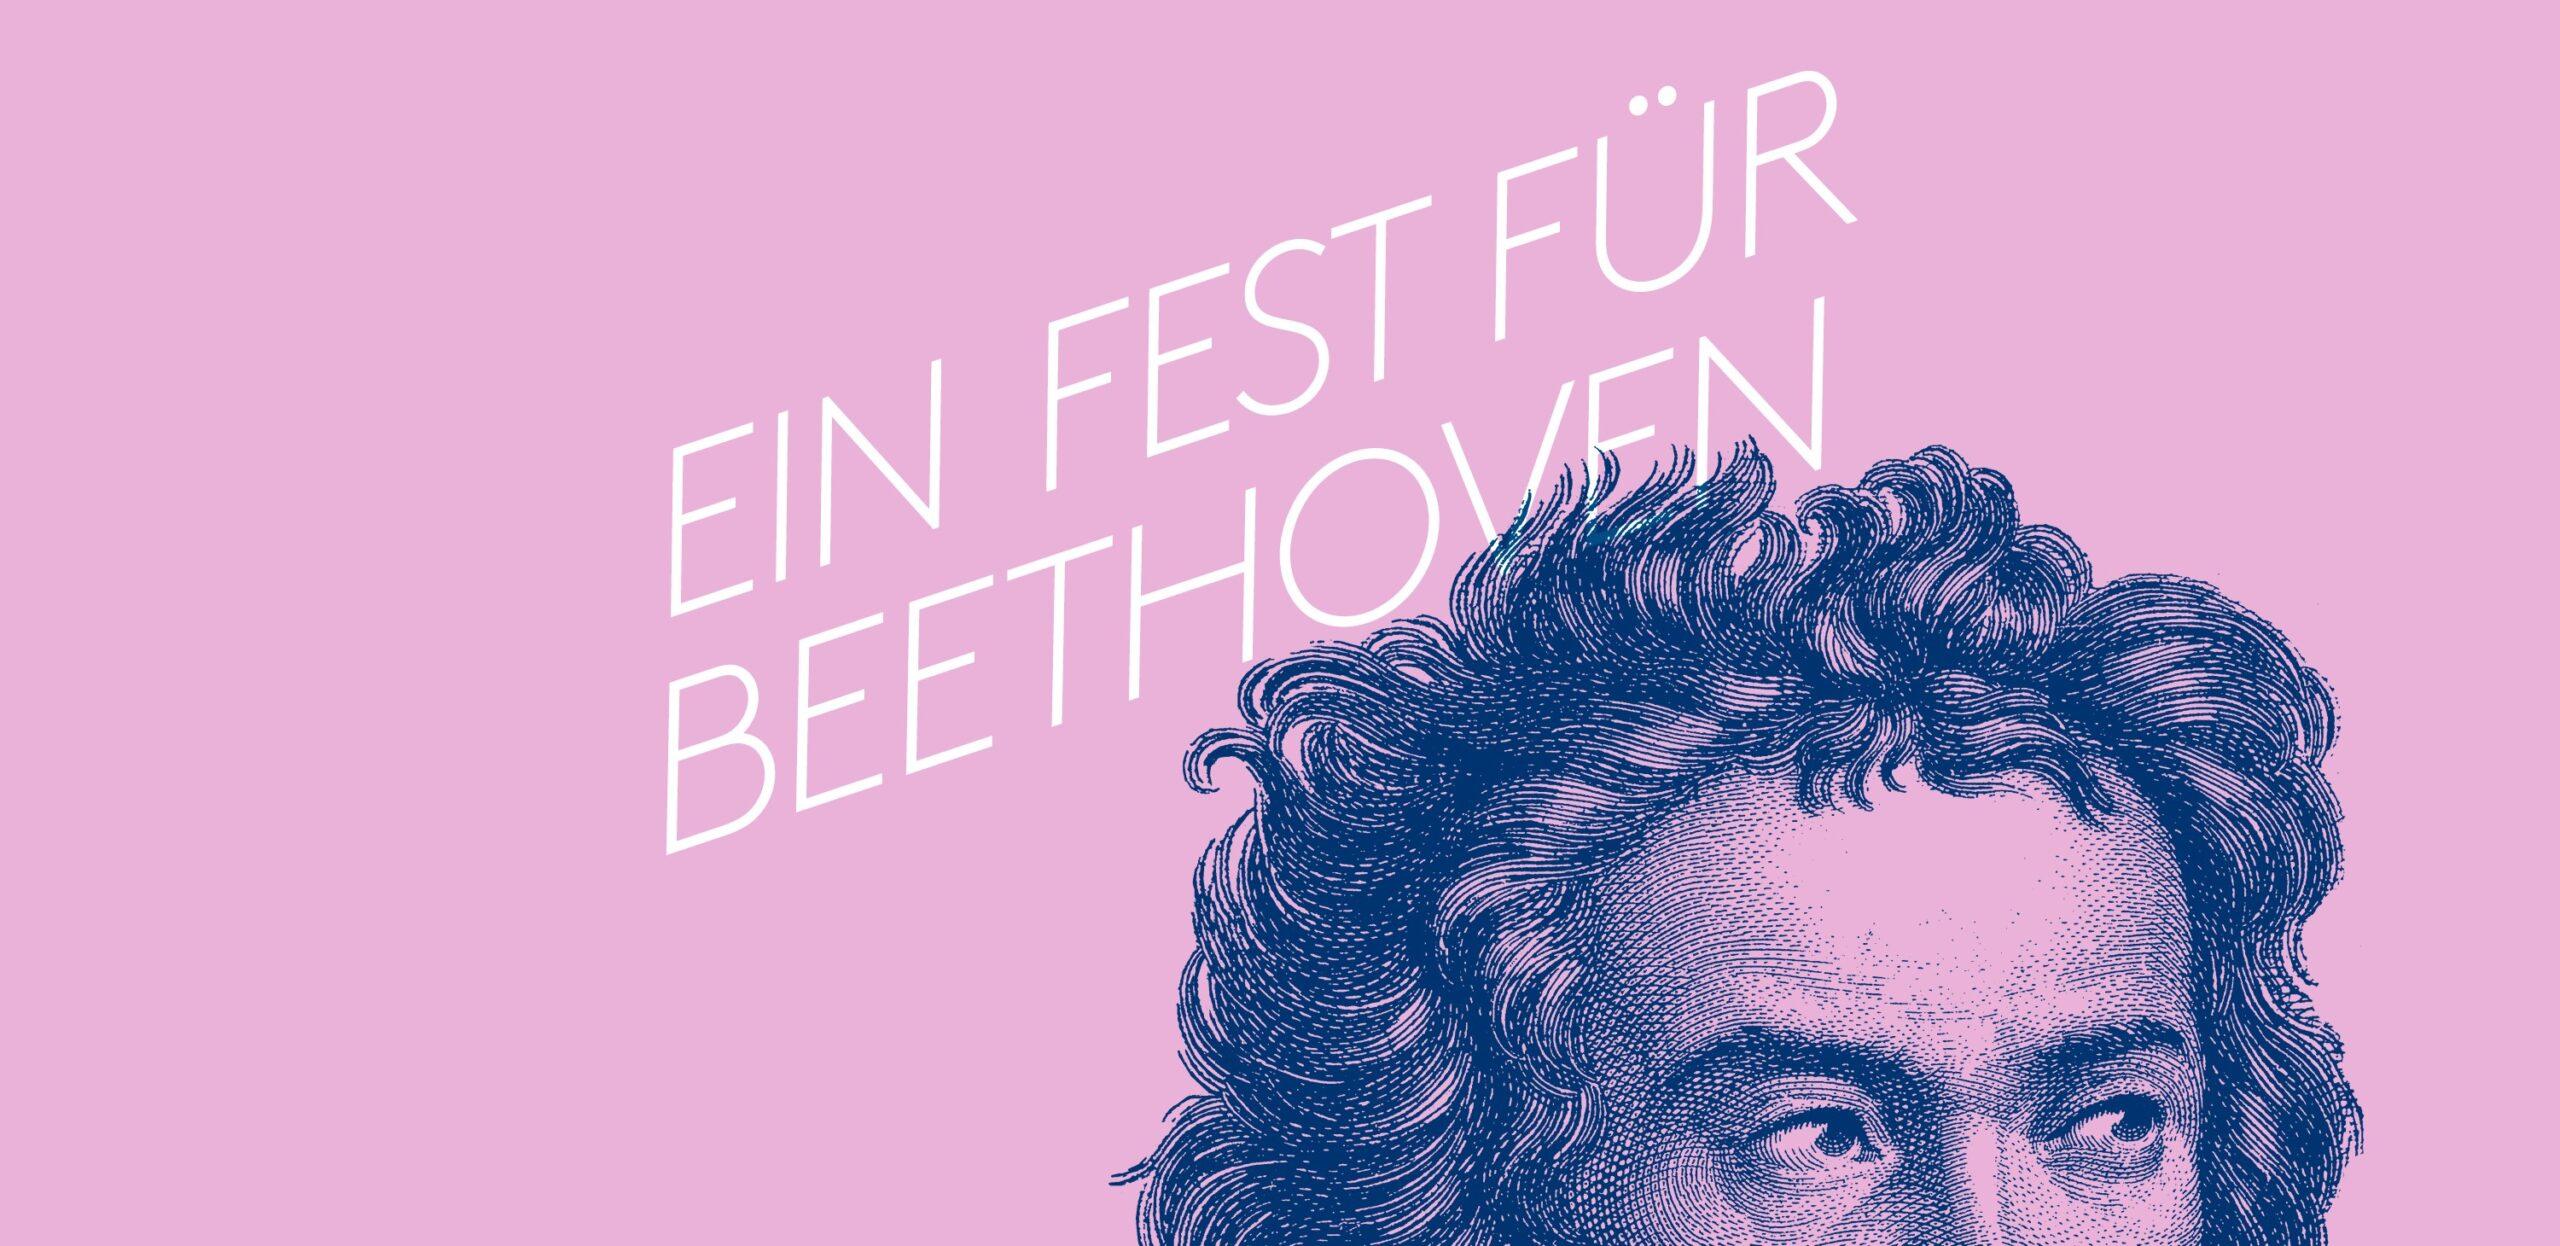 Grafik von Beethoven